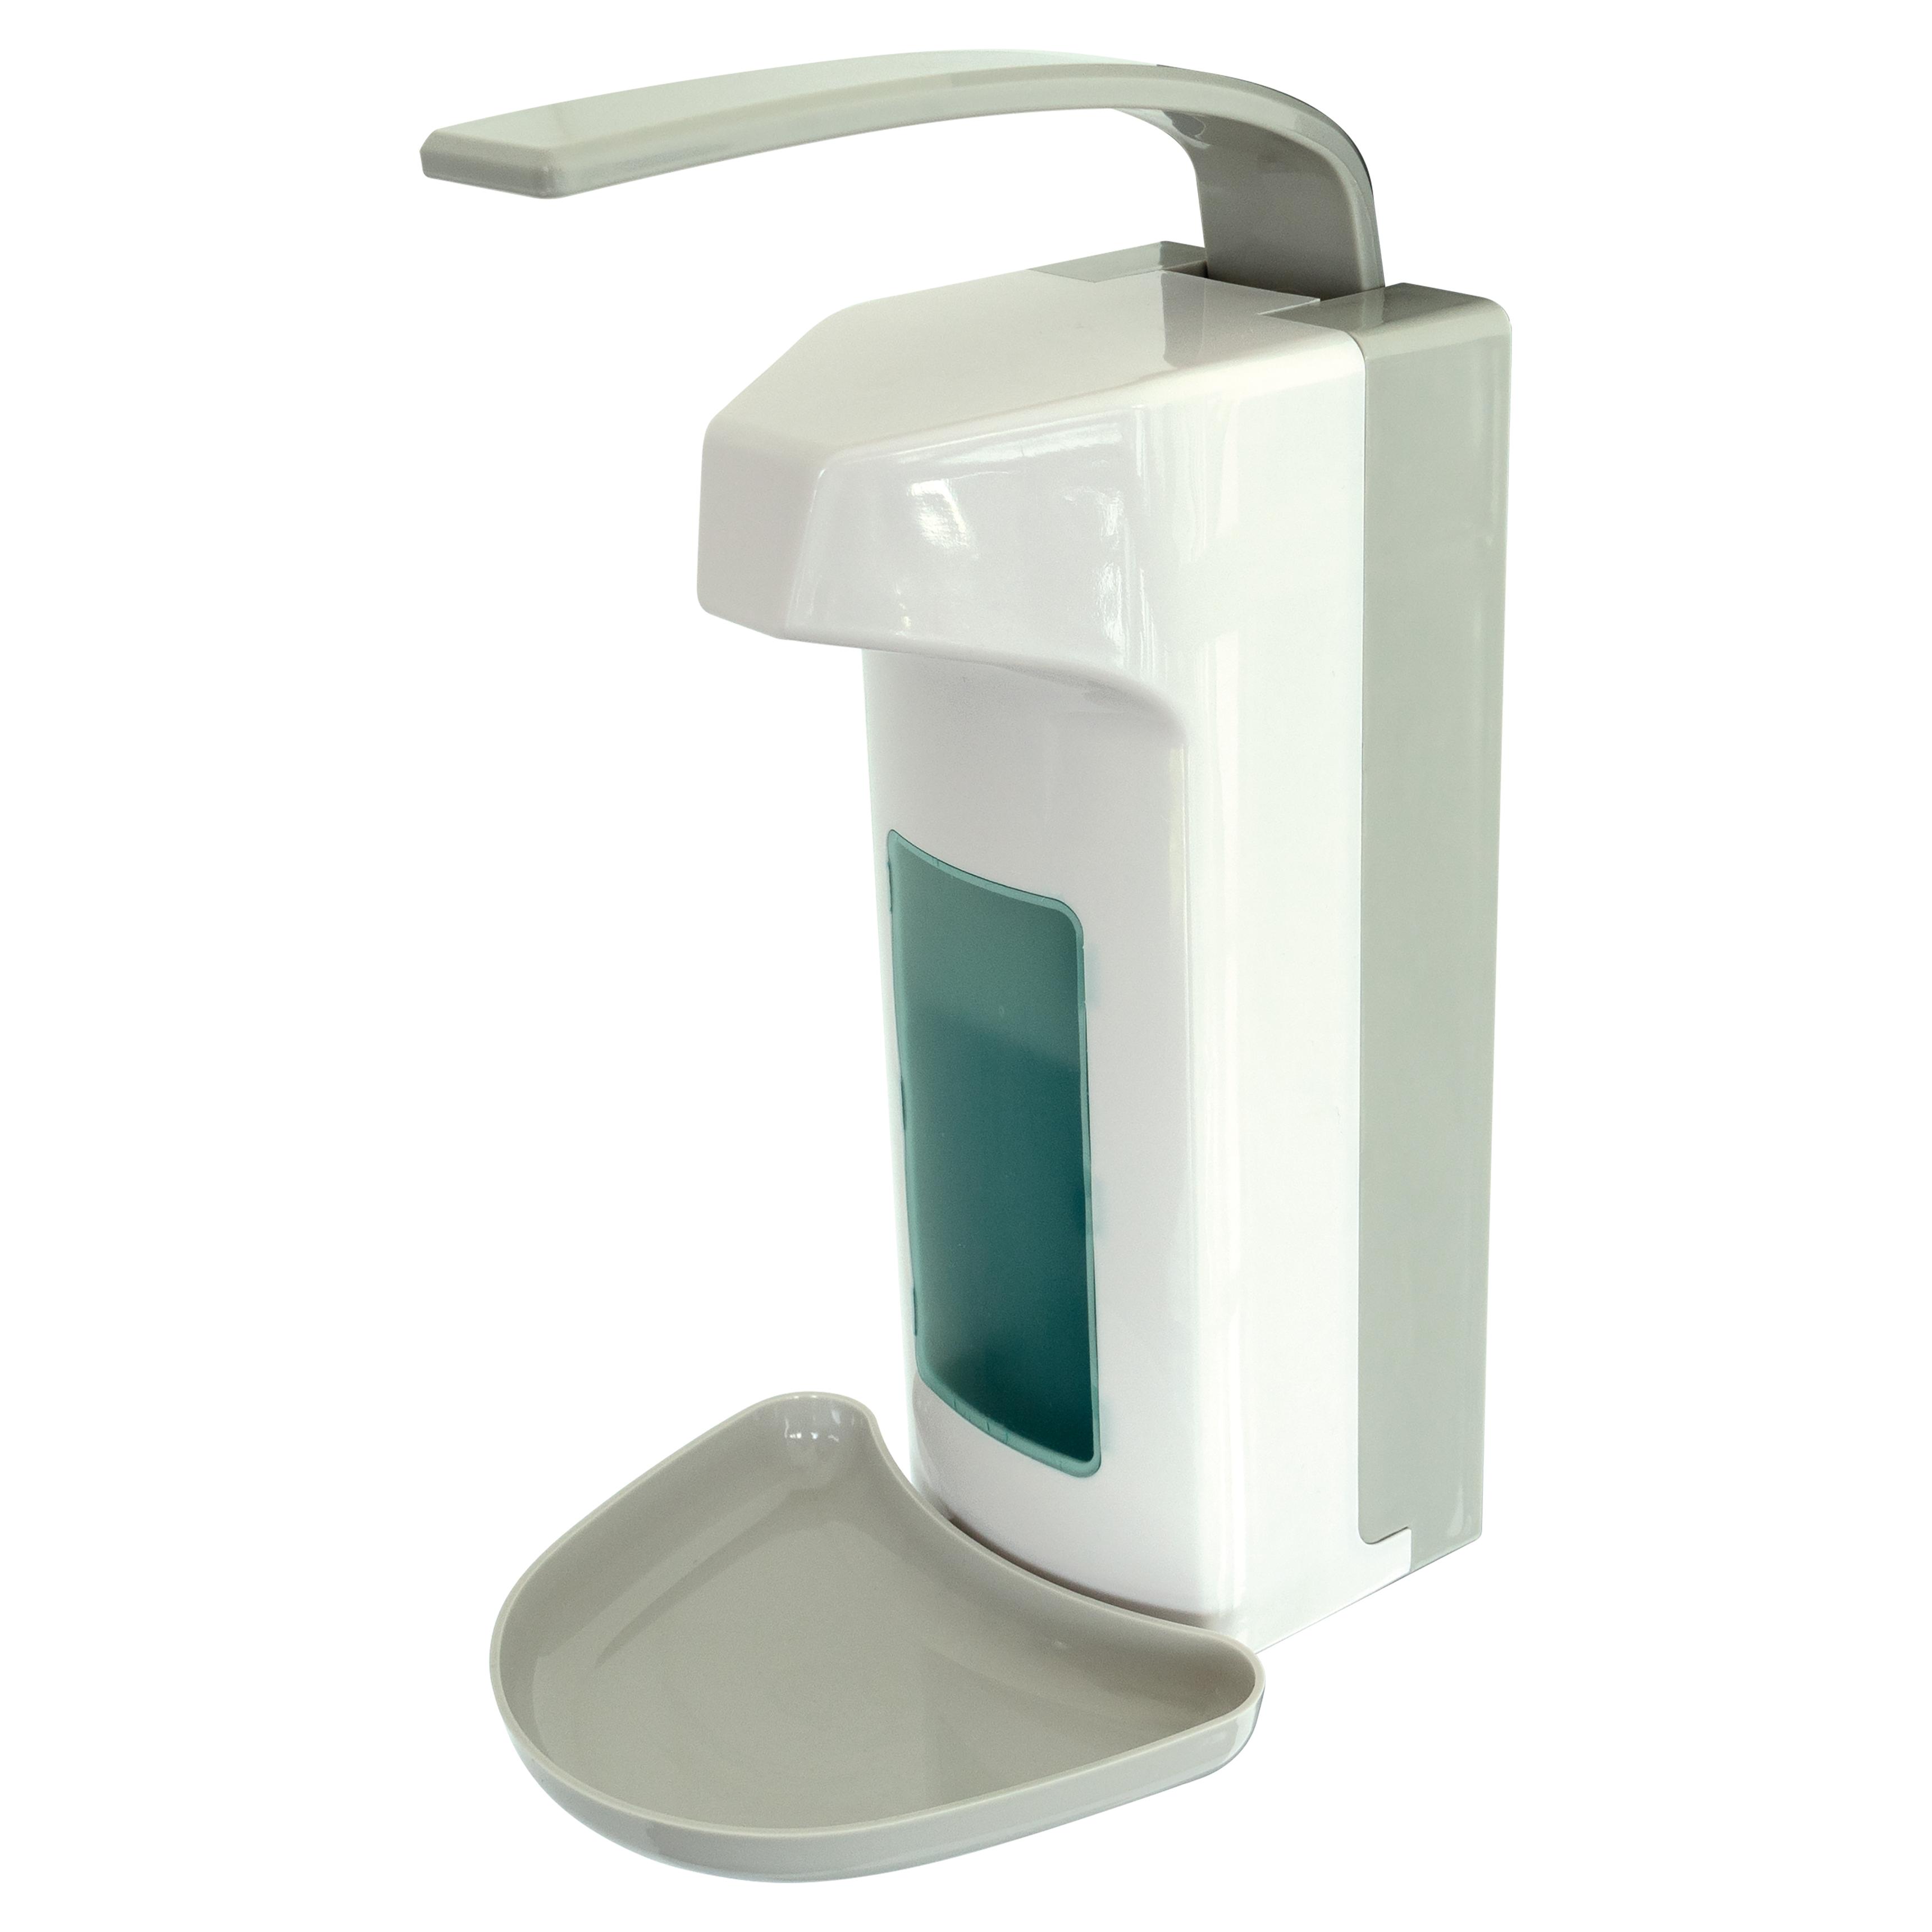 trocken und nass Seidenpapier-Halter mit Abdeckung HILINE Feuchtt/ücher-Spenderbox staubdicht f/ür Heimb/üro schwarz wei/ß